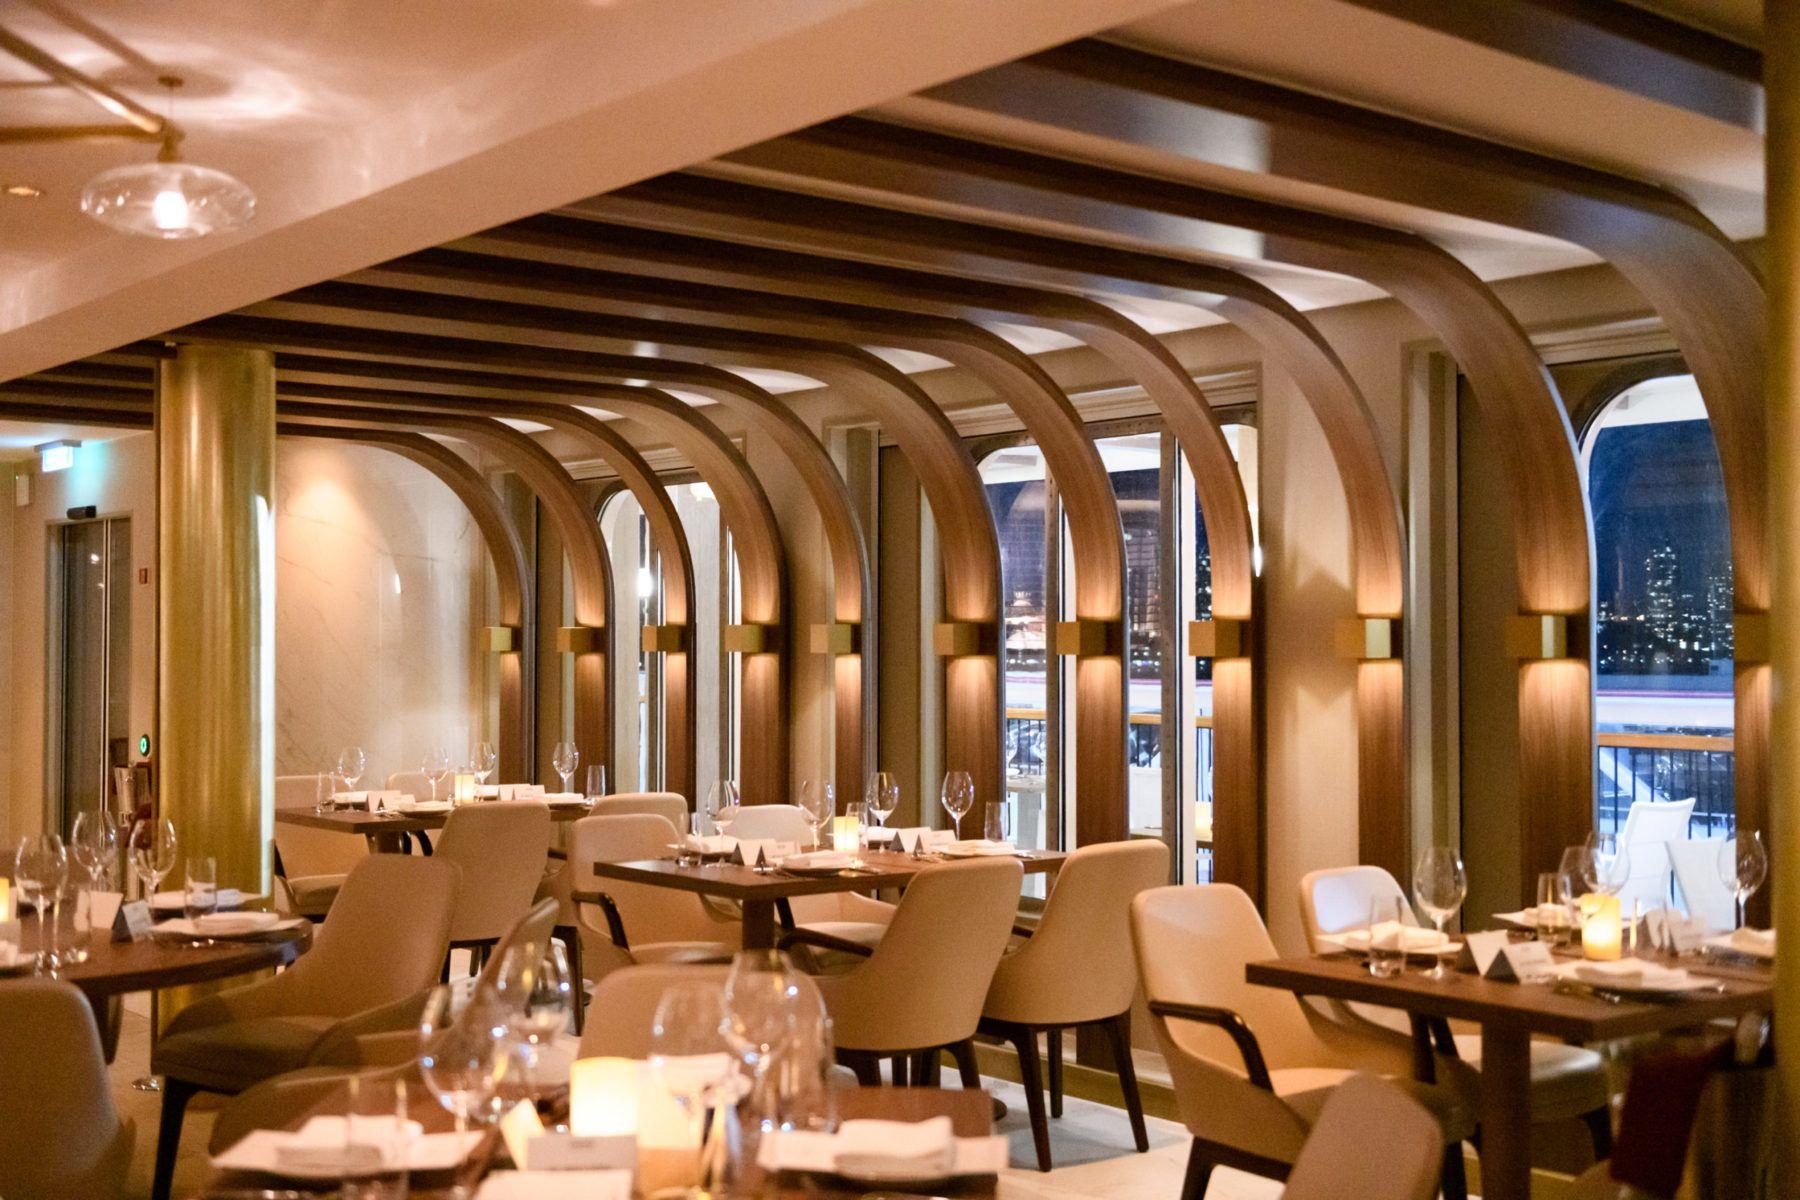 Interior of Onda by Scarpetta restaurant, water view